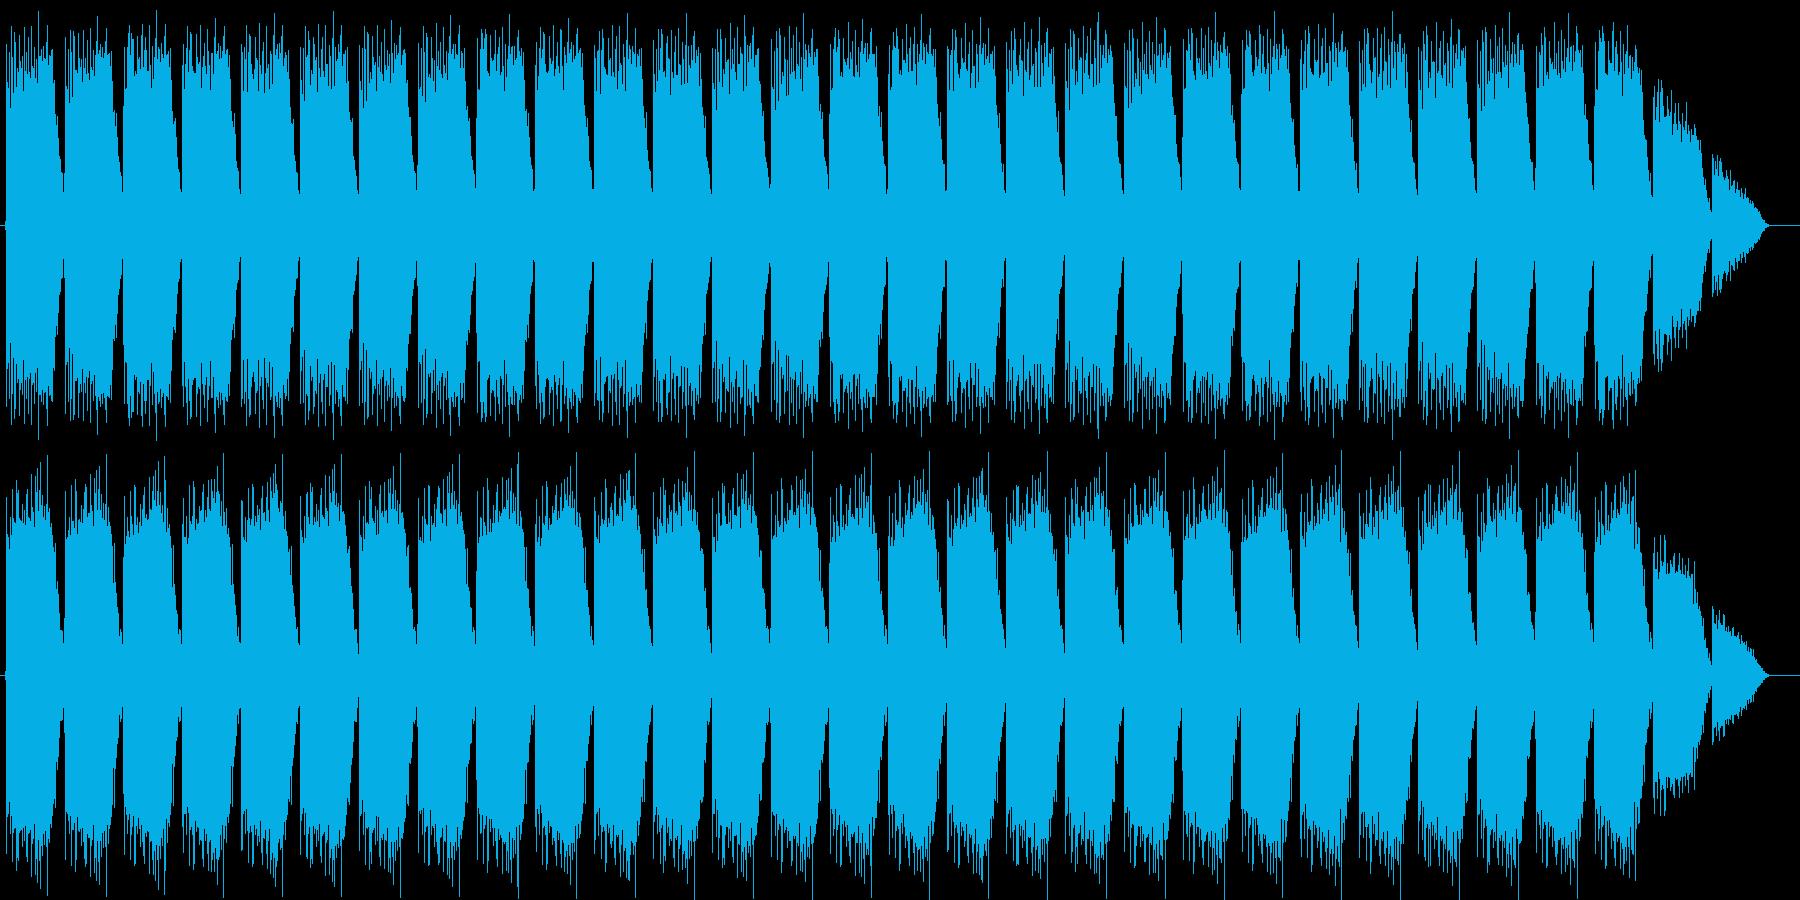 化学プラントサイレン タイプAの再生済みの波形